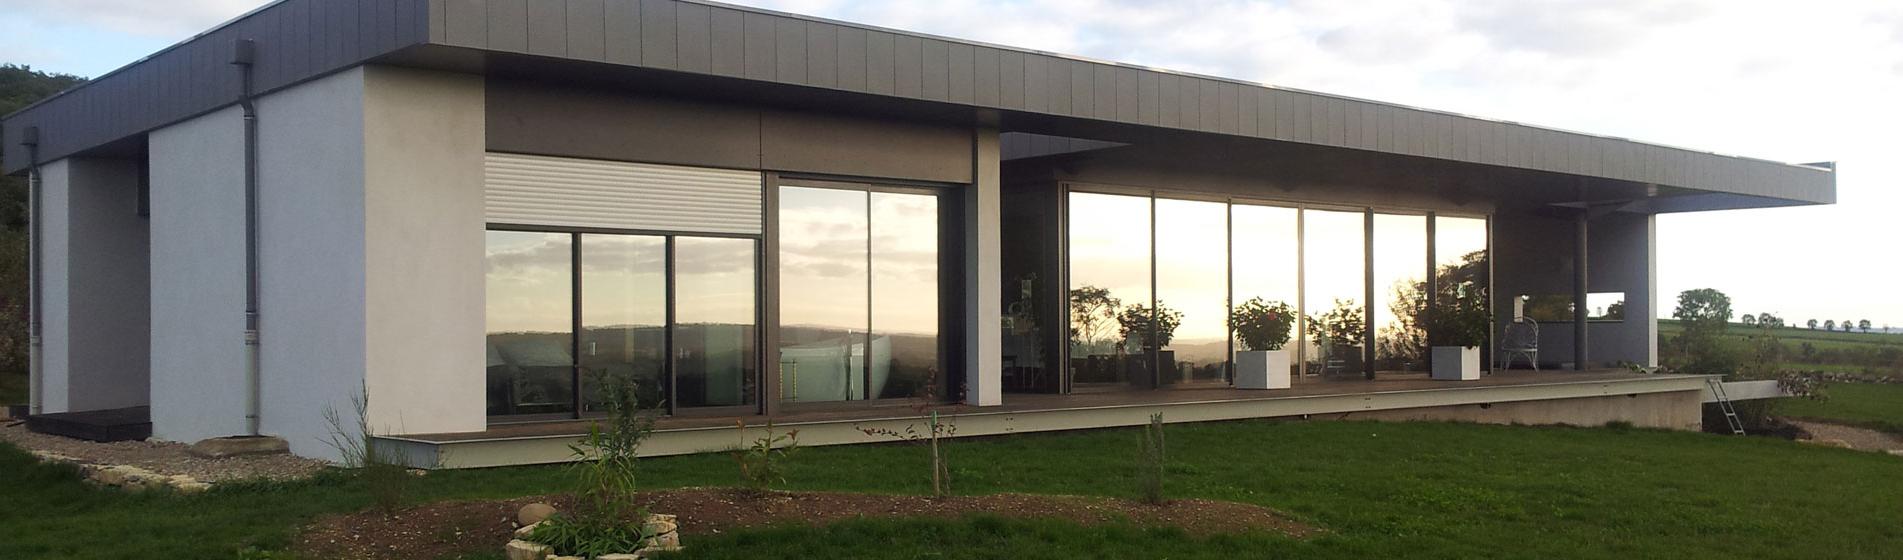 rénovation baie vitrée alu 84 Vaucluse